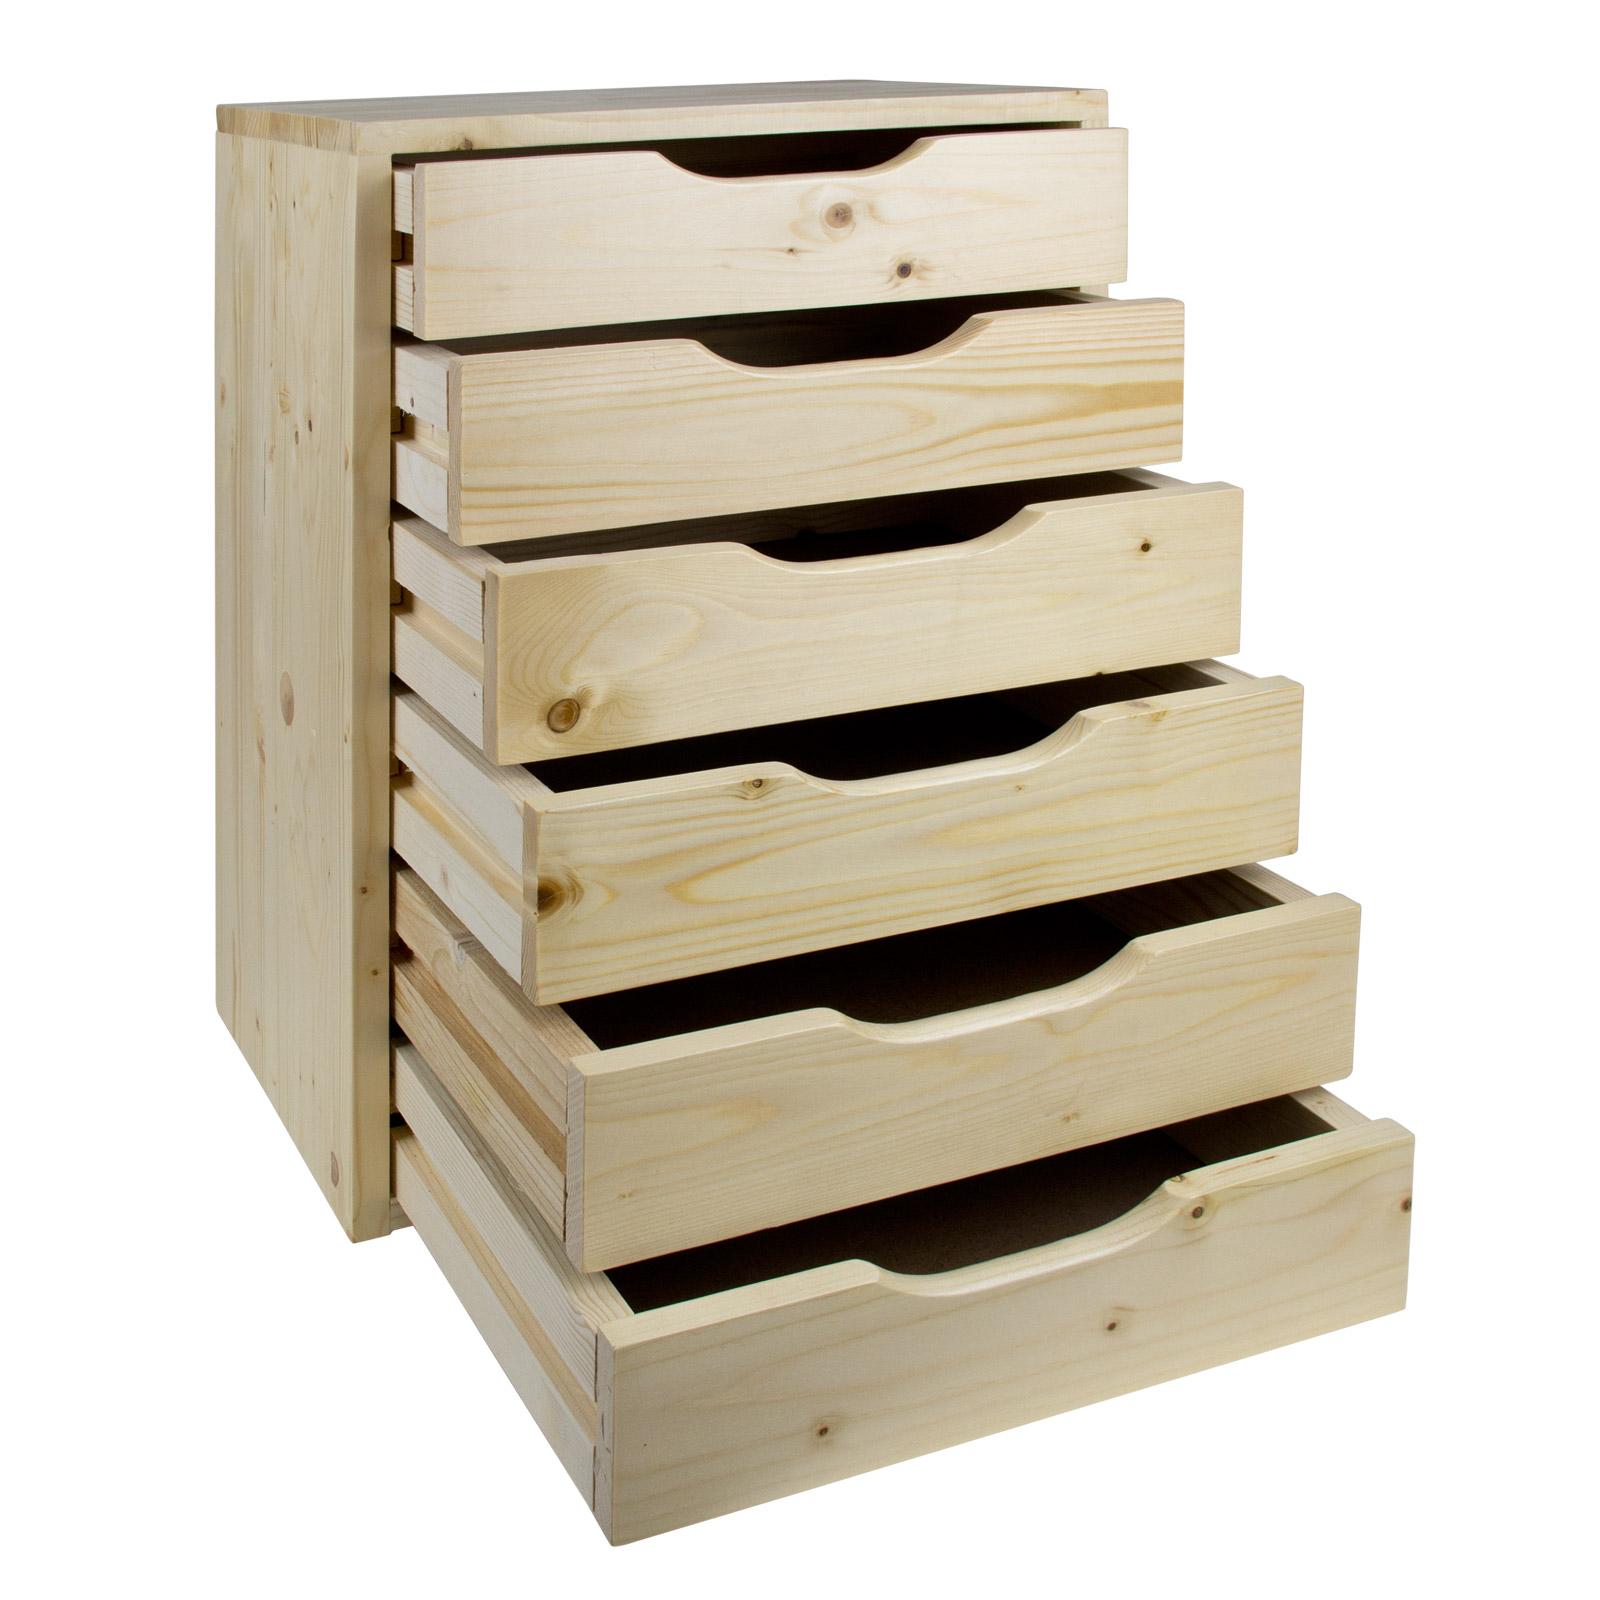 holzbox holz schubladenbox aufbewahrungsbox nachttisch holzablage 6 schubl 40539 ebay. Black Bedroom Furniture Sets. Home Design Ideas